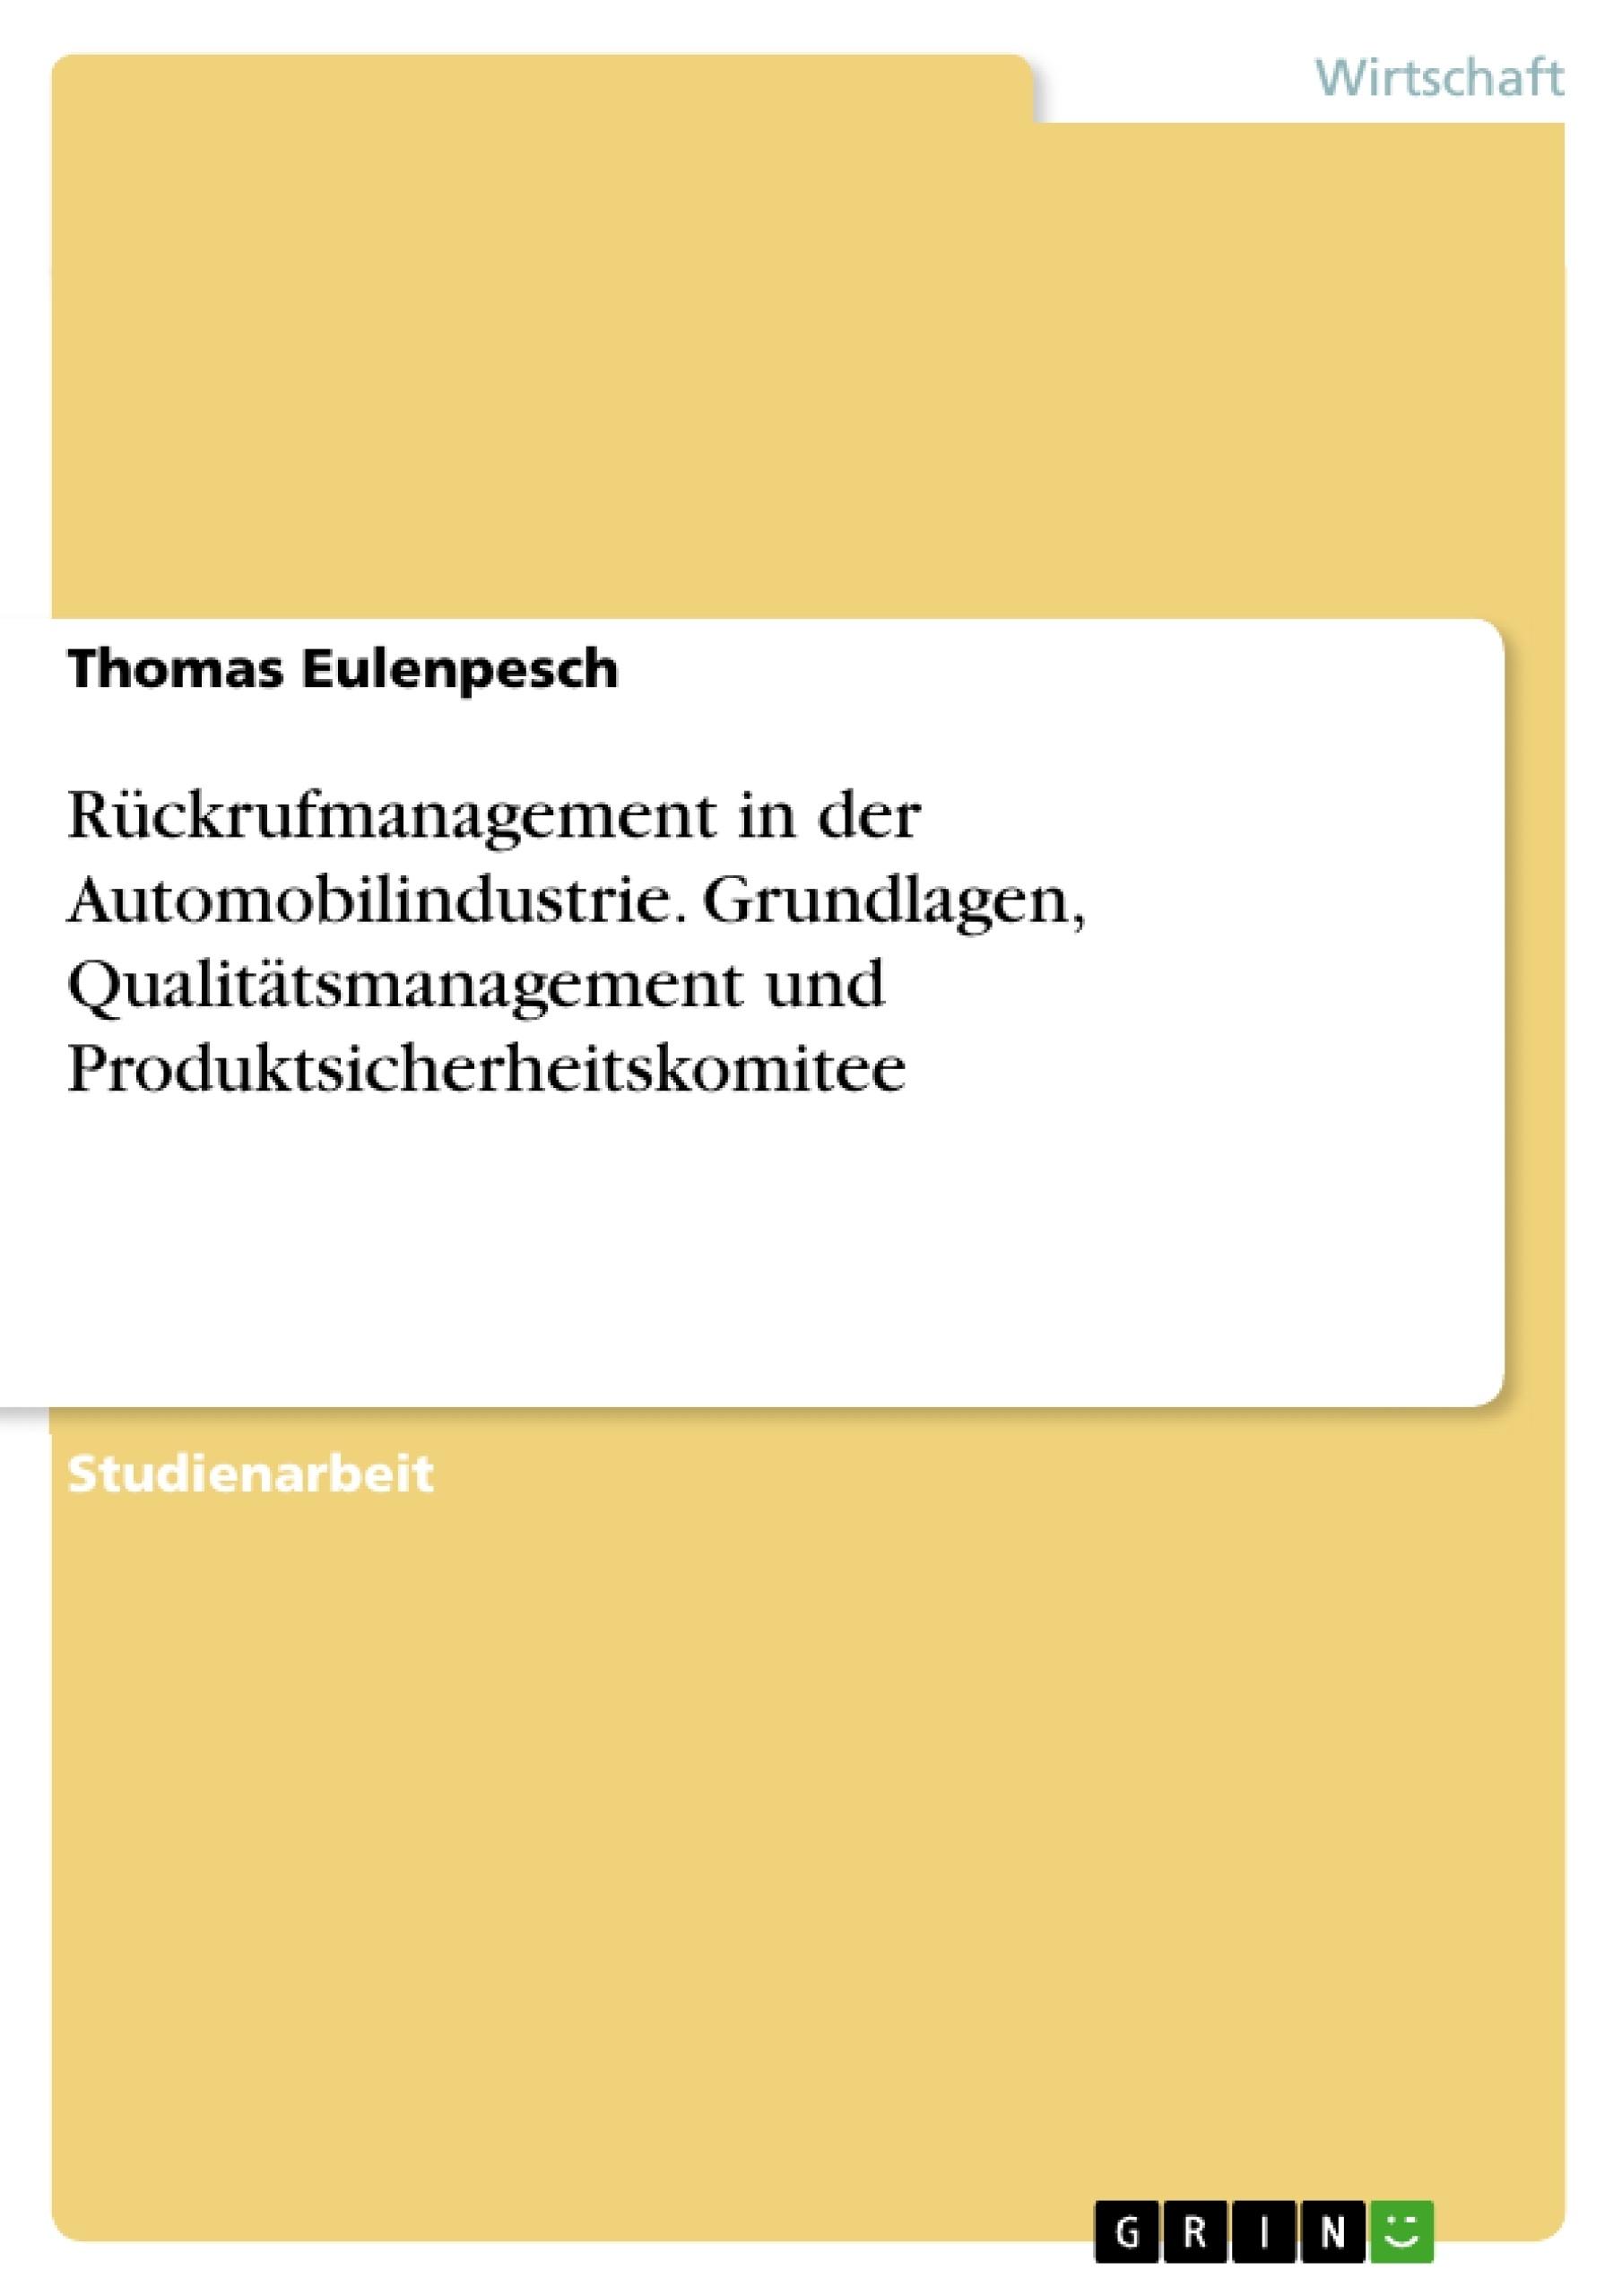 Titel: Rückrufmanagement in der Automobilindustrie. Grundlagen, Qualitätsmanagement und Produktsicherheitskomitee